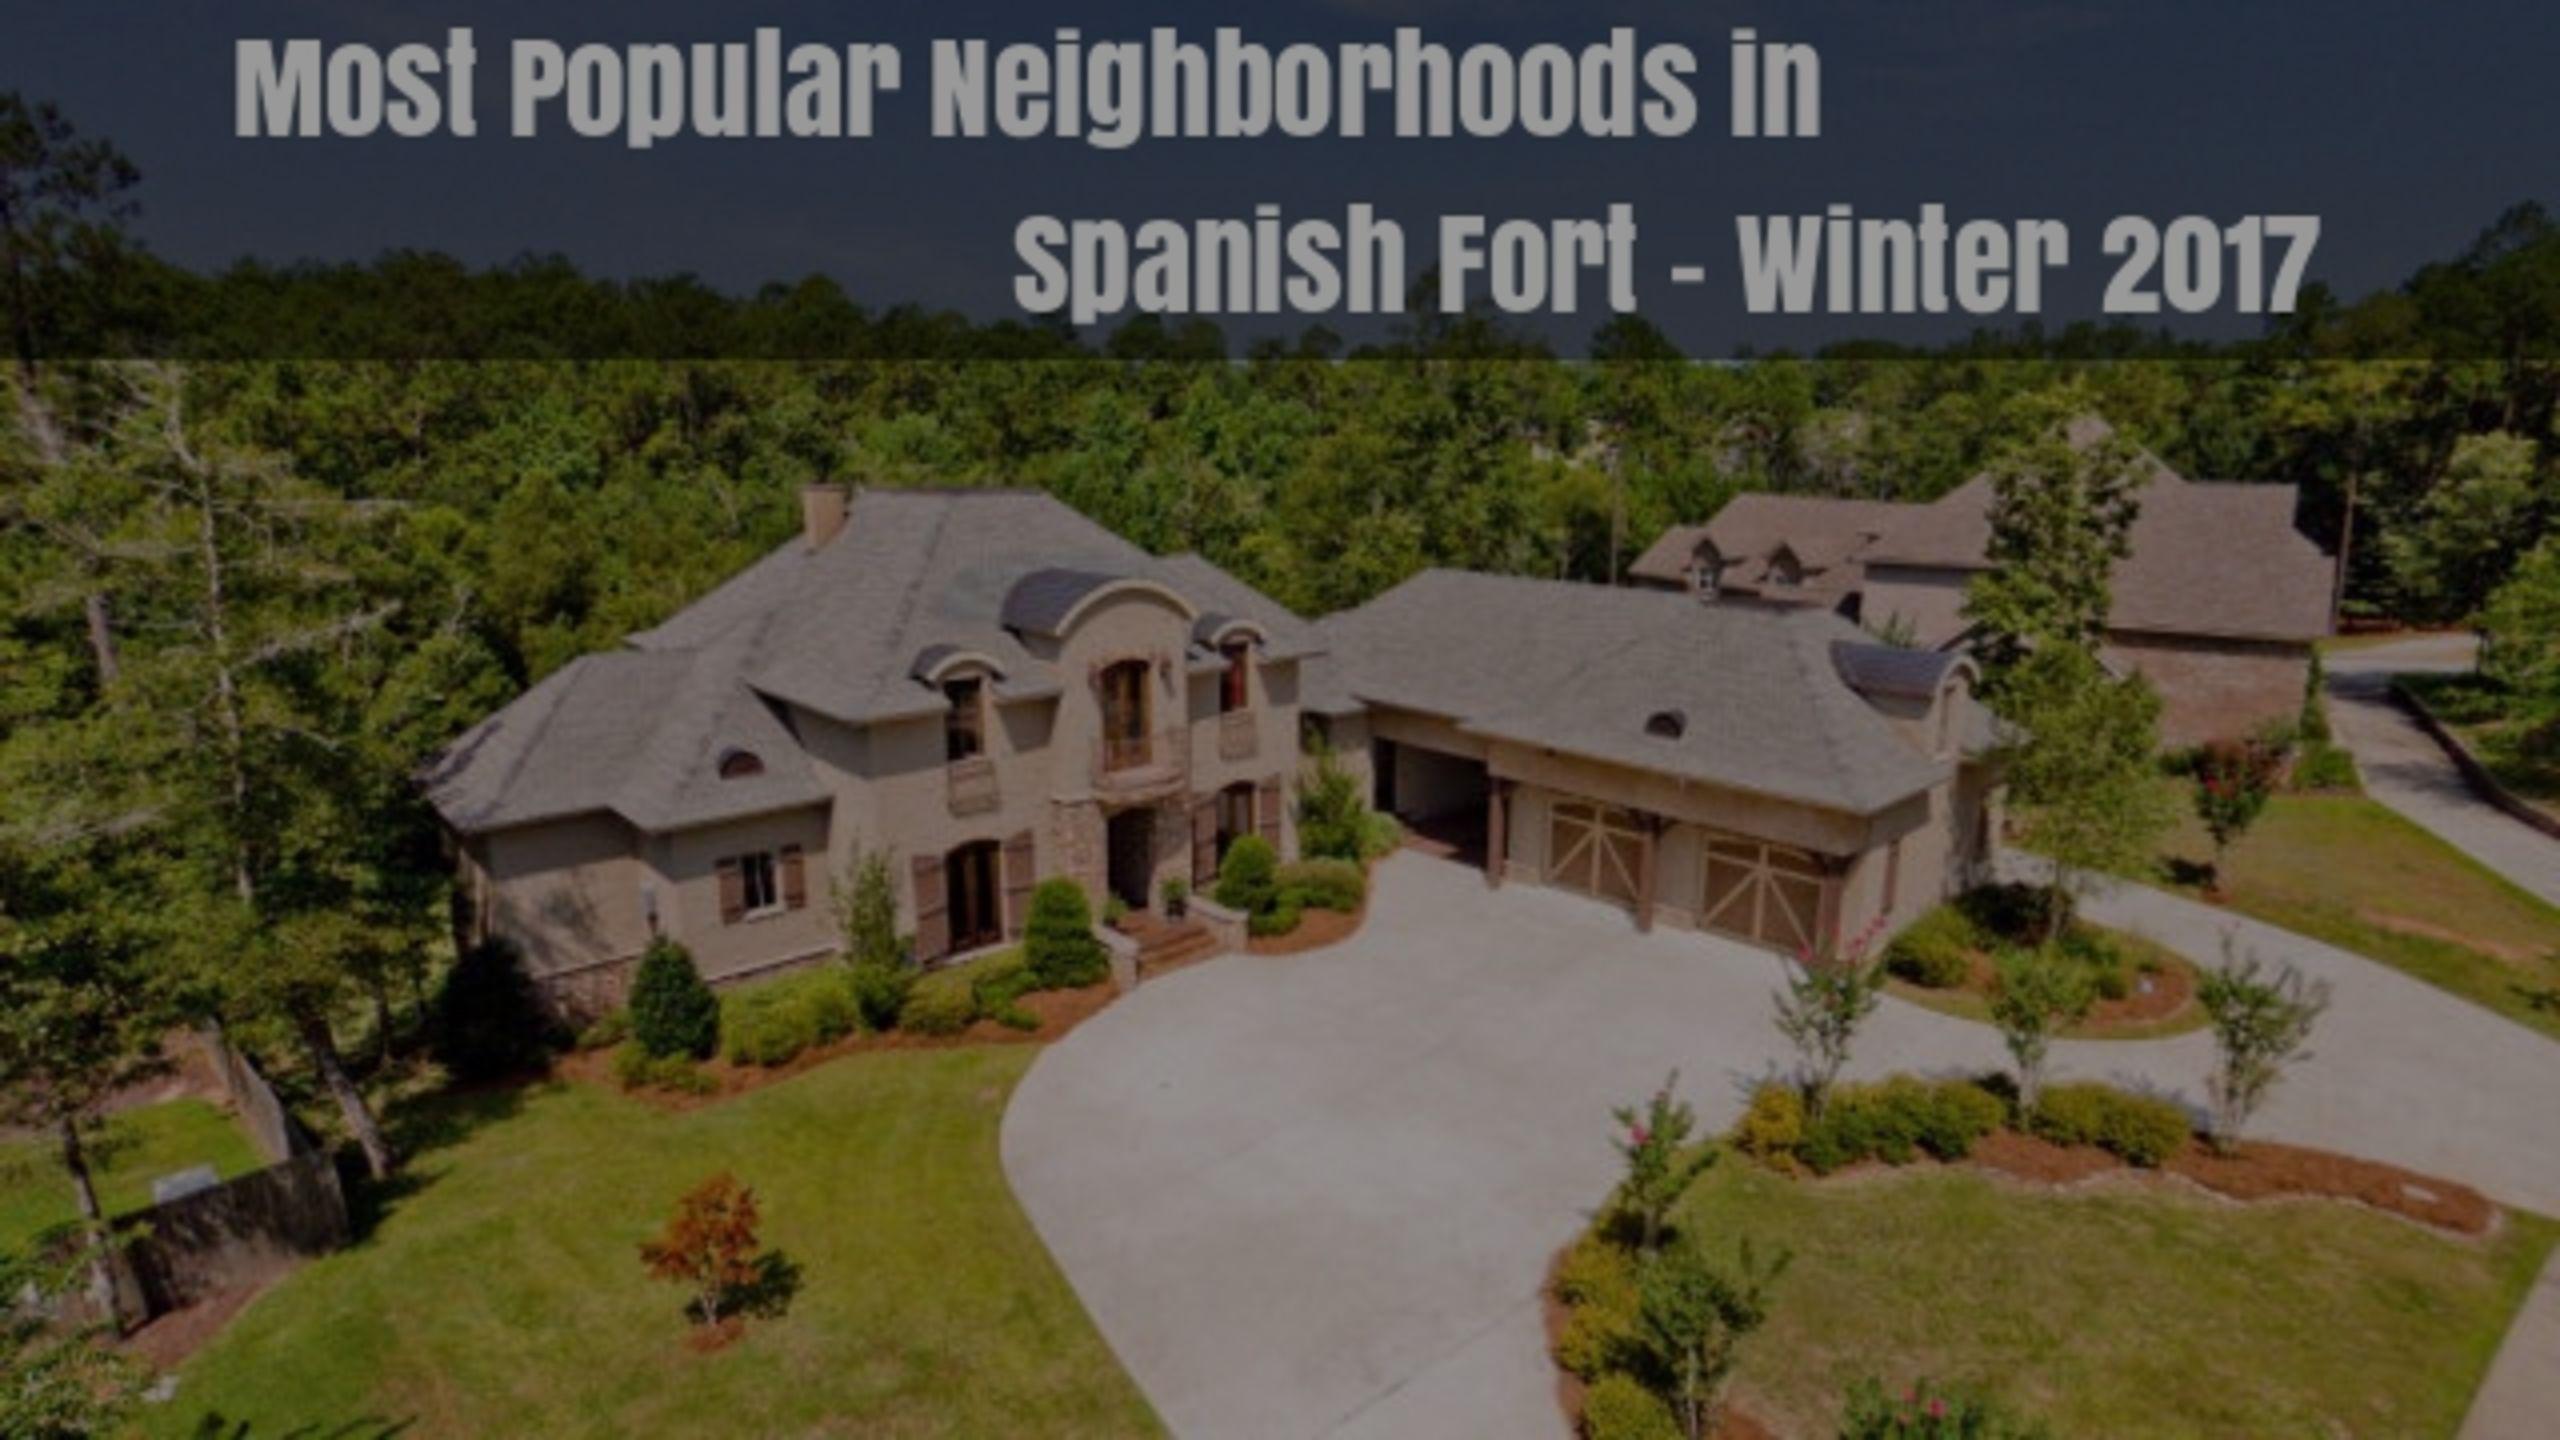 Most Popular Neighborhoods in Spanish Fort – Winter 2017